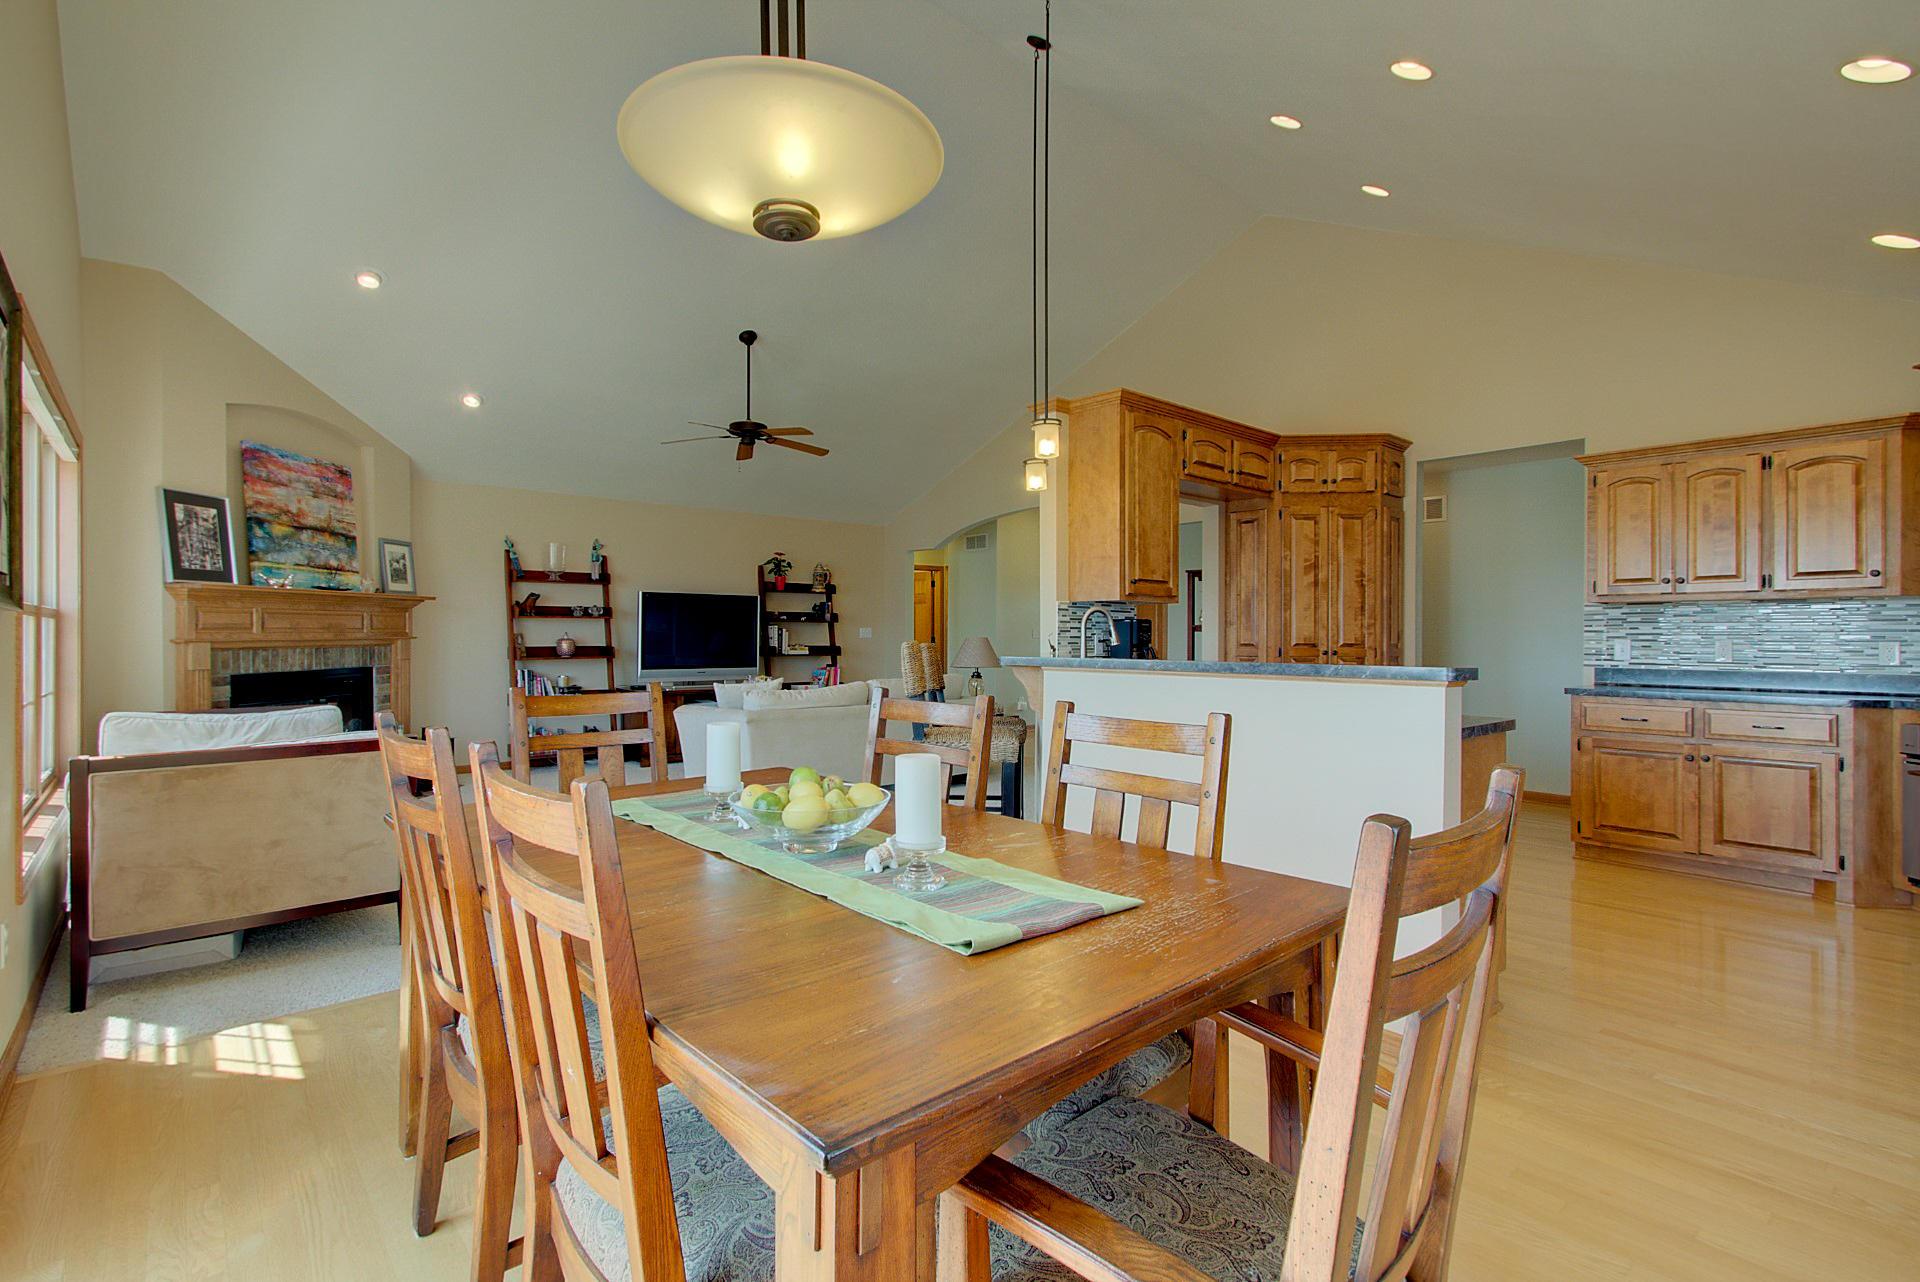 1701 Rockridge Way, Waukesha, Wisconsin 53188, 5 Bedrooms Bedrooms, ,3 BathroomsBathrooms,Single-Family,For Sale,Rockridge Way,1616168